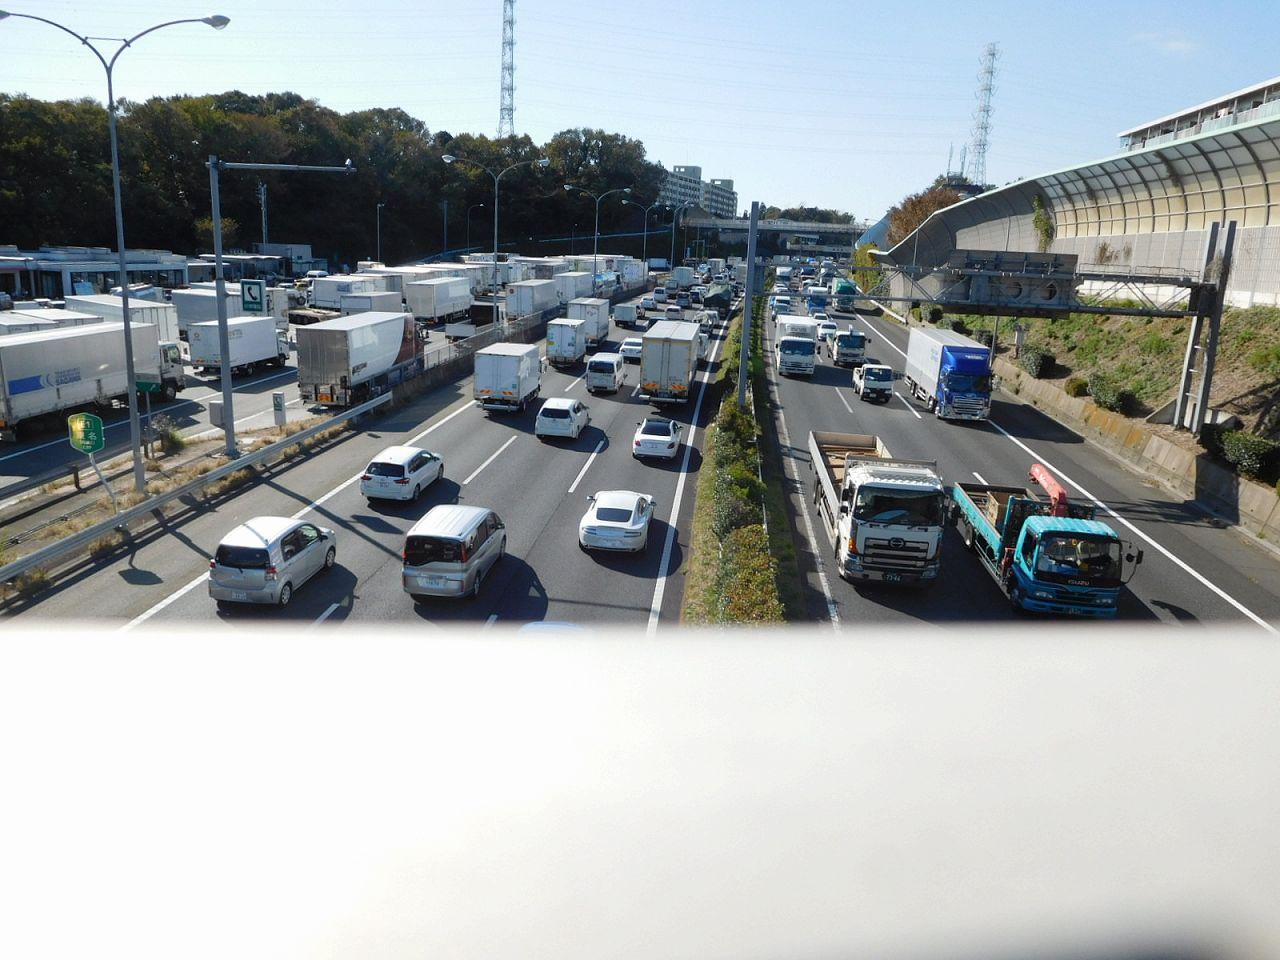 高速道路架橋から見る上下線の渋滞 事故なのでしょうか?